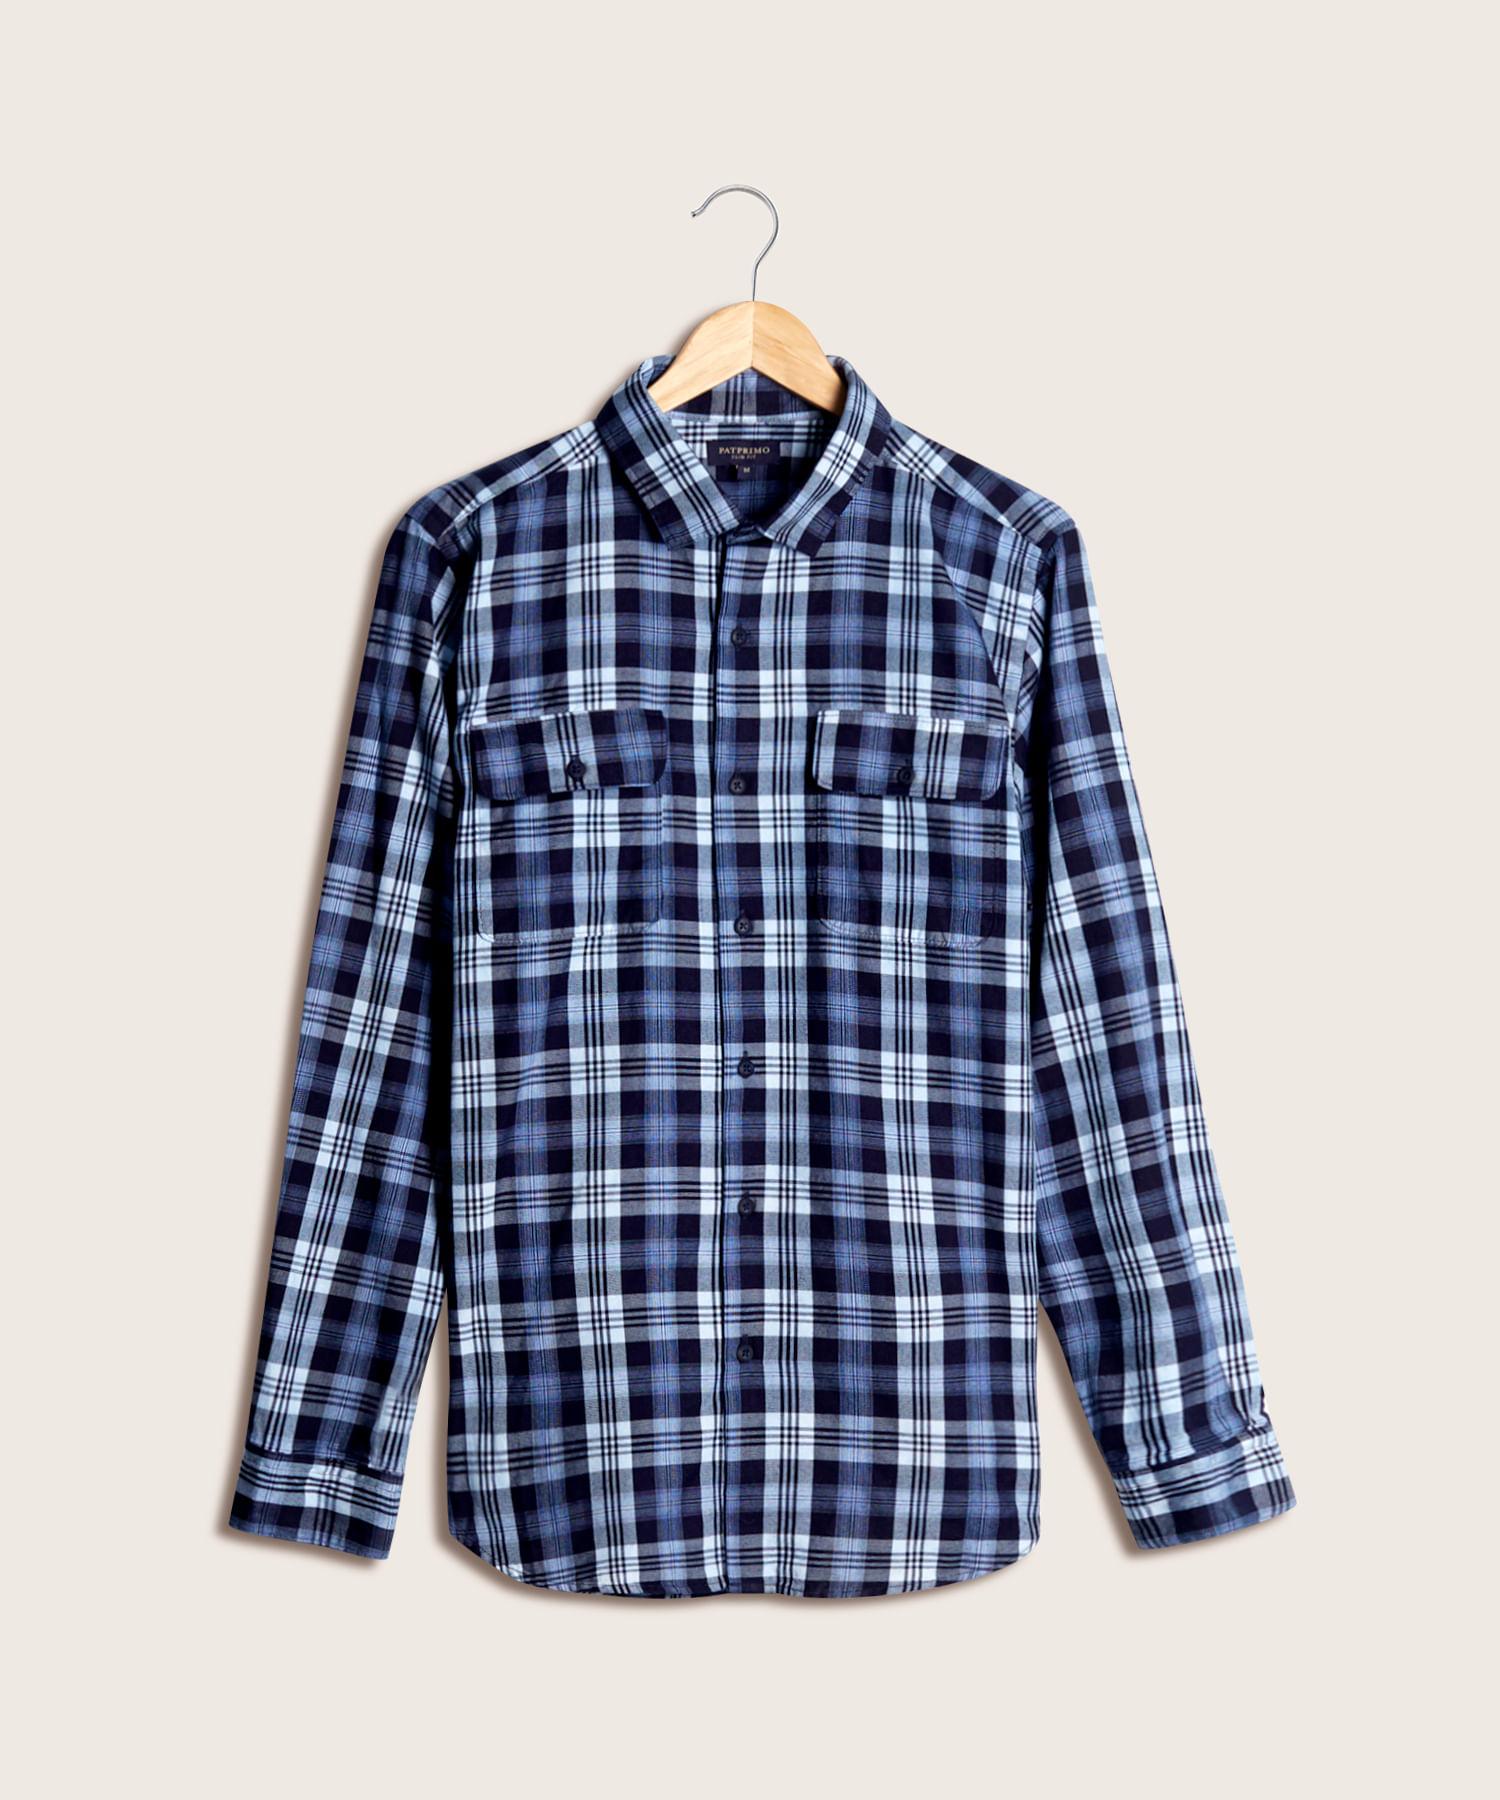 98bd507baa Camisa Denim Manga Larga Para Hombre Unicolor Azul 44011833 - Patprimo